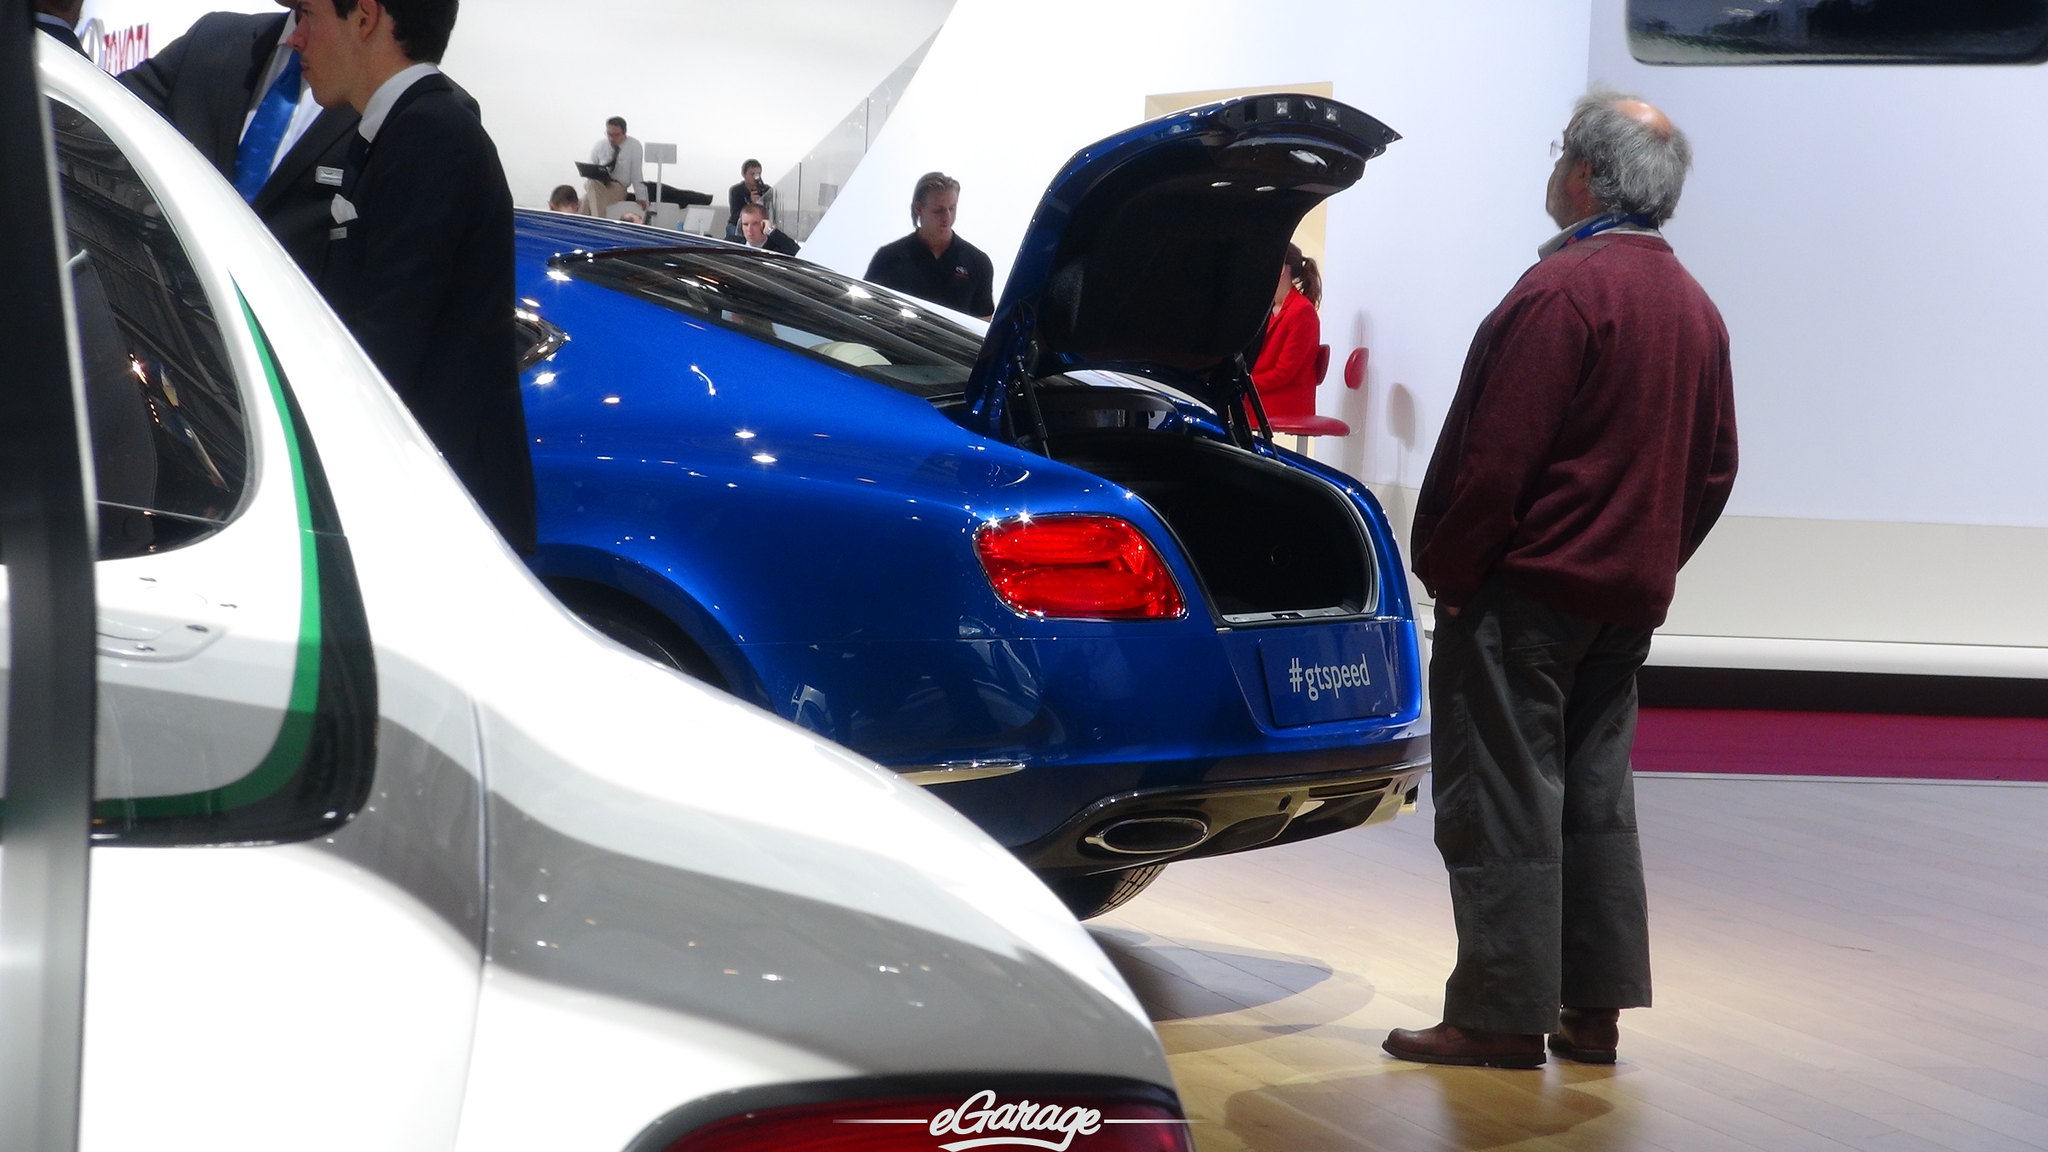 8037667671 a8c2aaca95 k 2012 Paris Motor Show